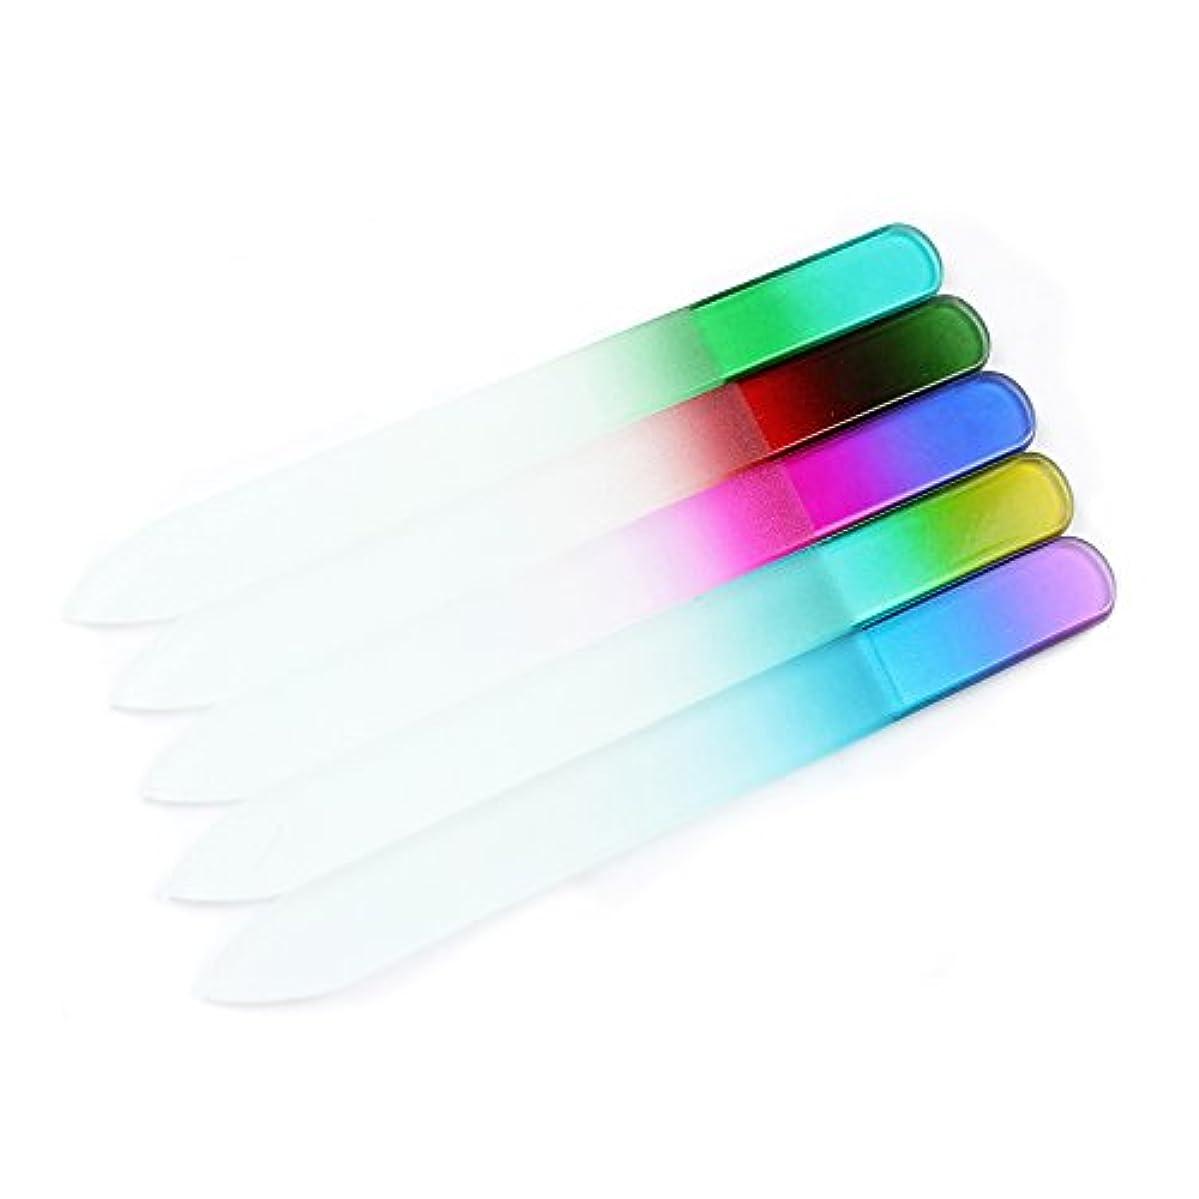 面倒デコレーションほのめかすFingerAngel 爪やすり ガラス製 5個セット 削りやすいネイルヤスリ 両面タイプ ネイルケア